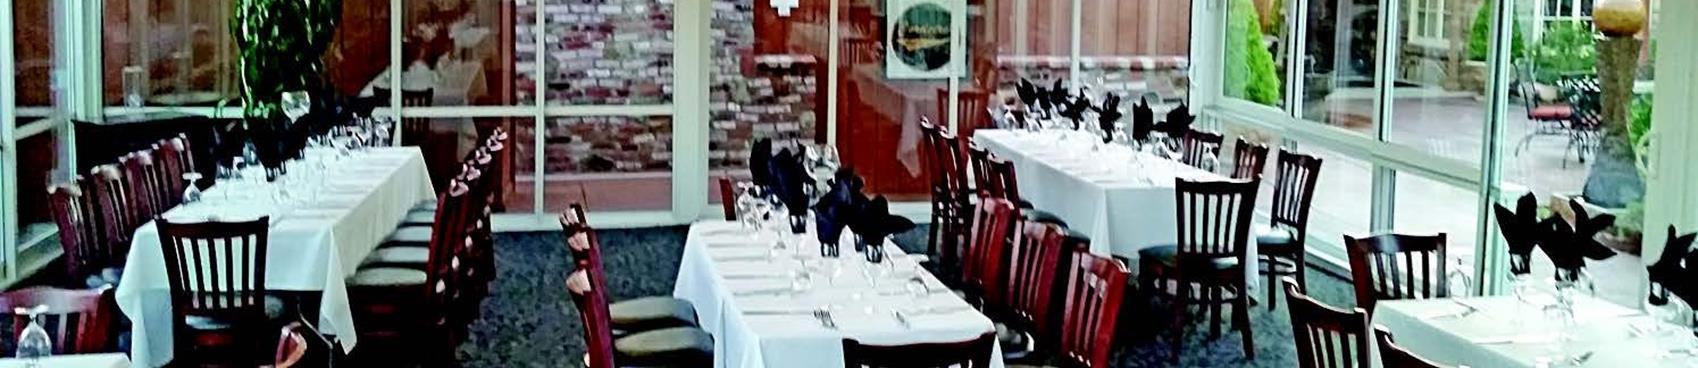 Cordeiros Steakhouse